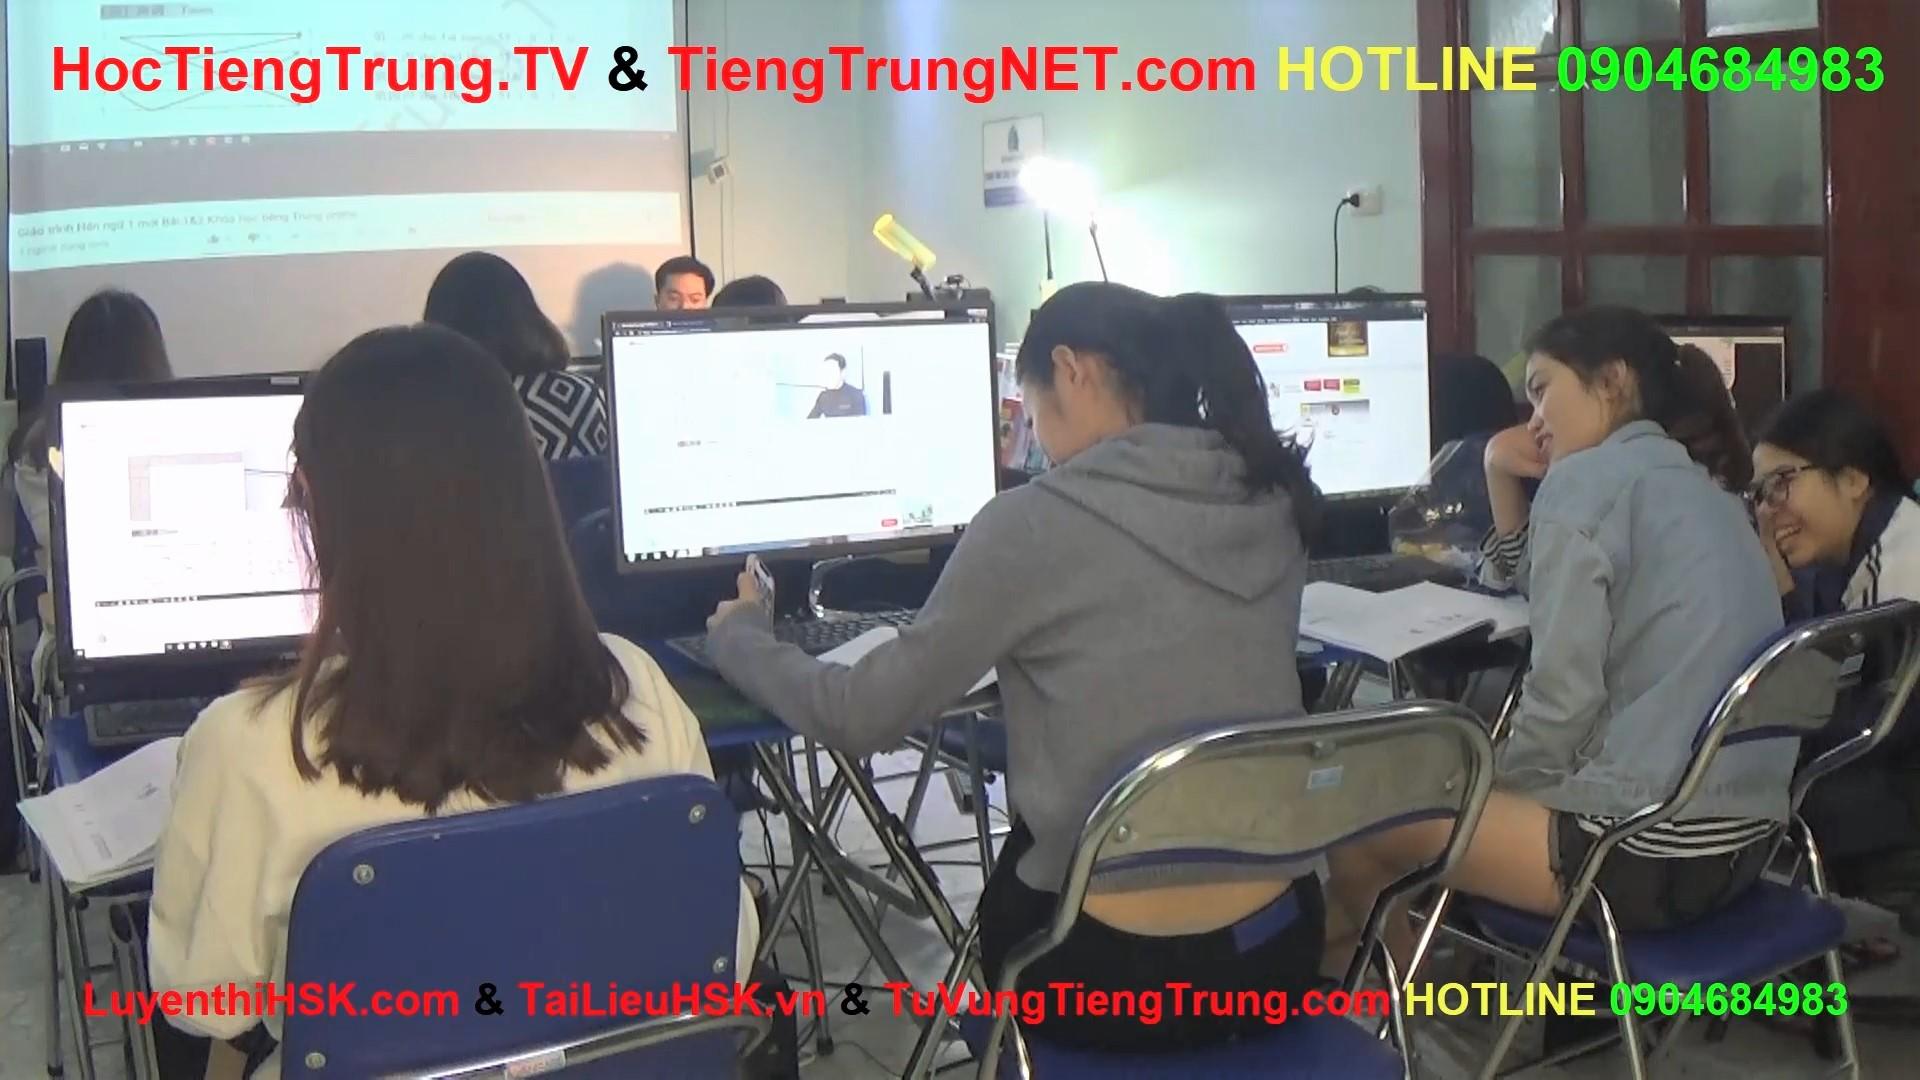 Học tiếng Trung online Thầy Vũ Trung tâm tiếng Trung ChineMaster 4